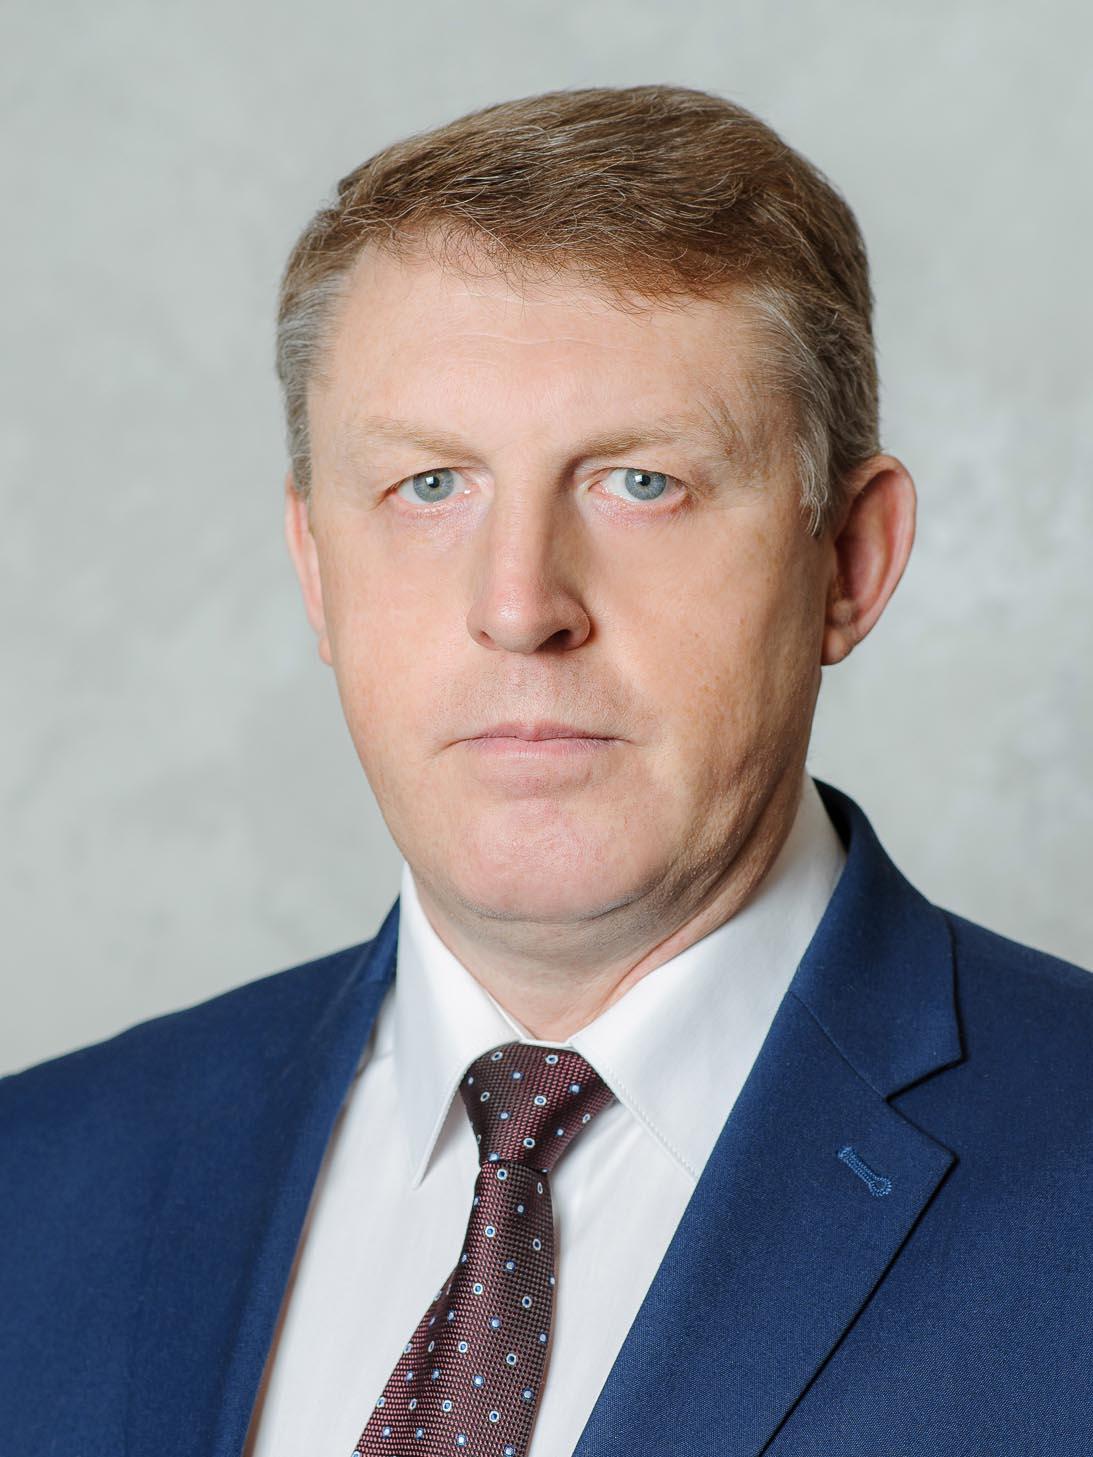 Проскурин Дмитрий Константинович